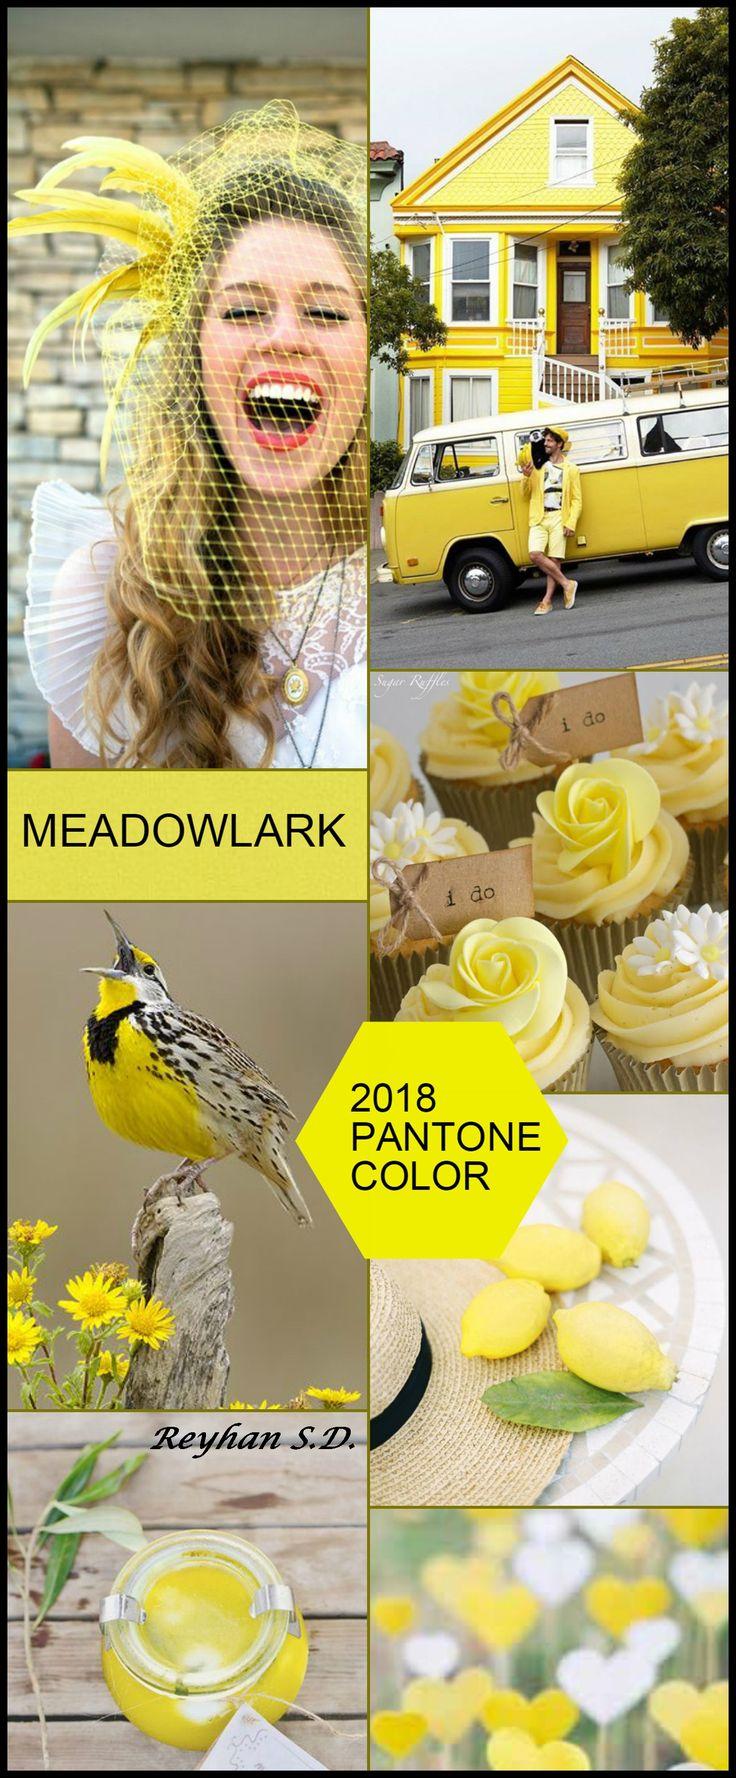 '' Meadowlark - 2018 Pantone Color '' by Reyhan S.D.